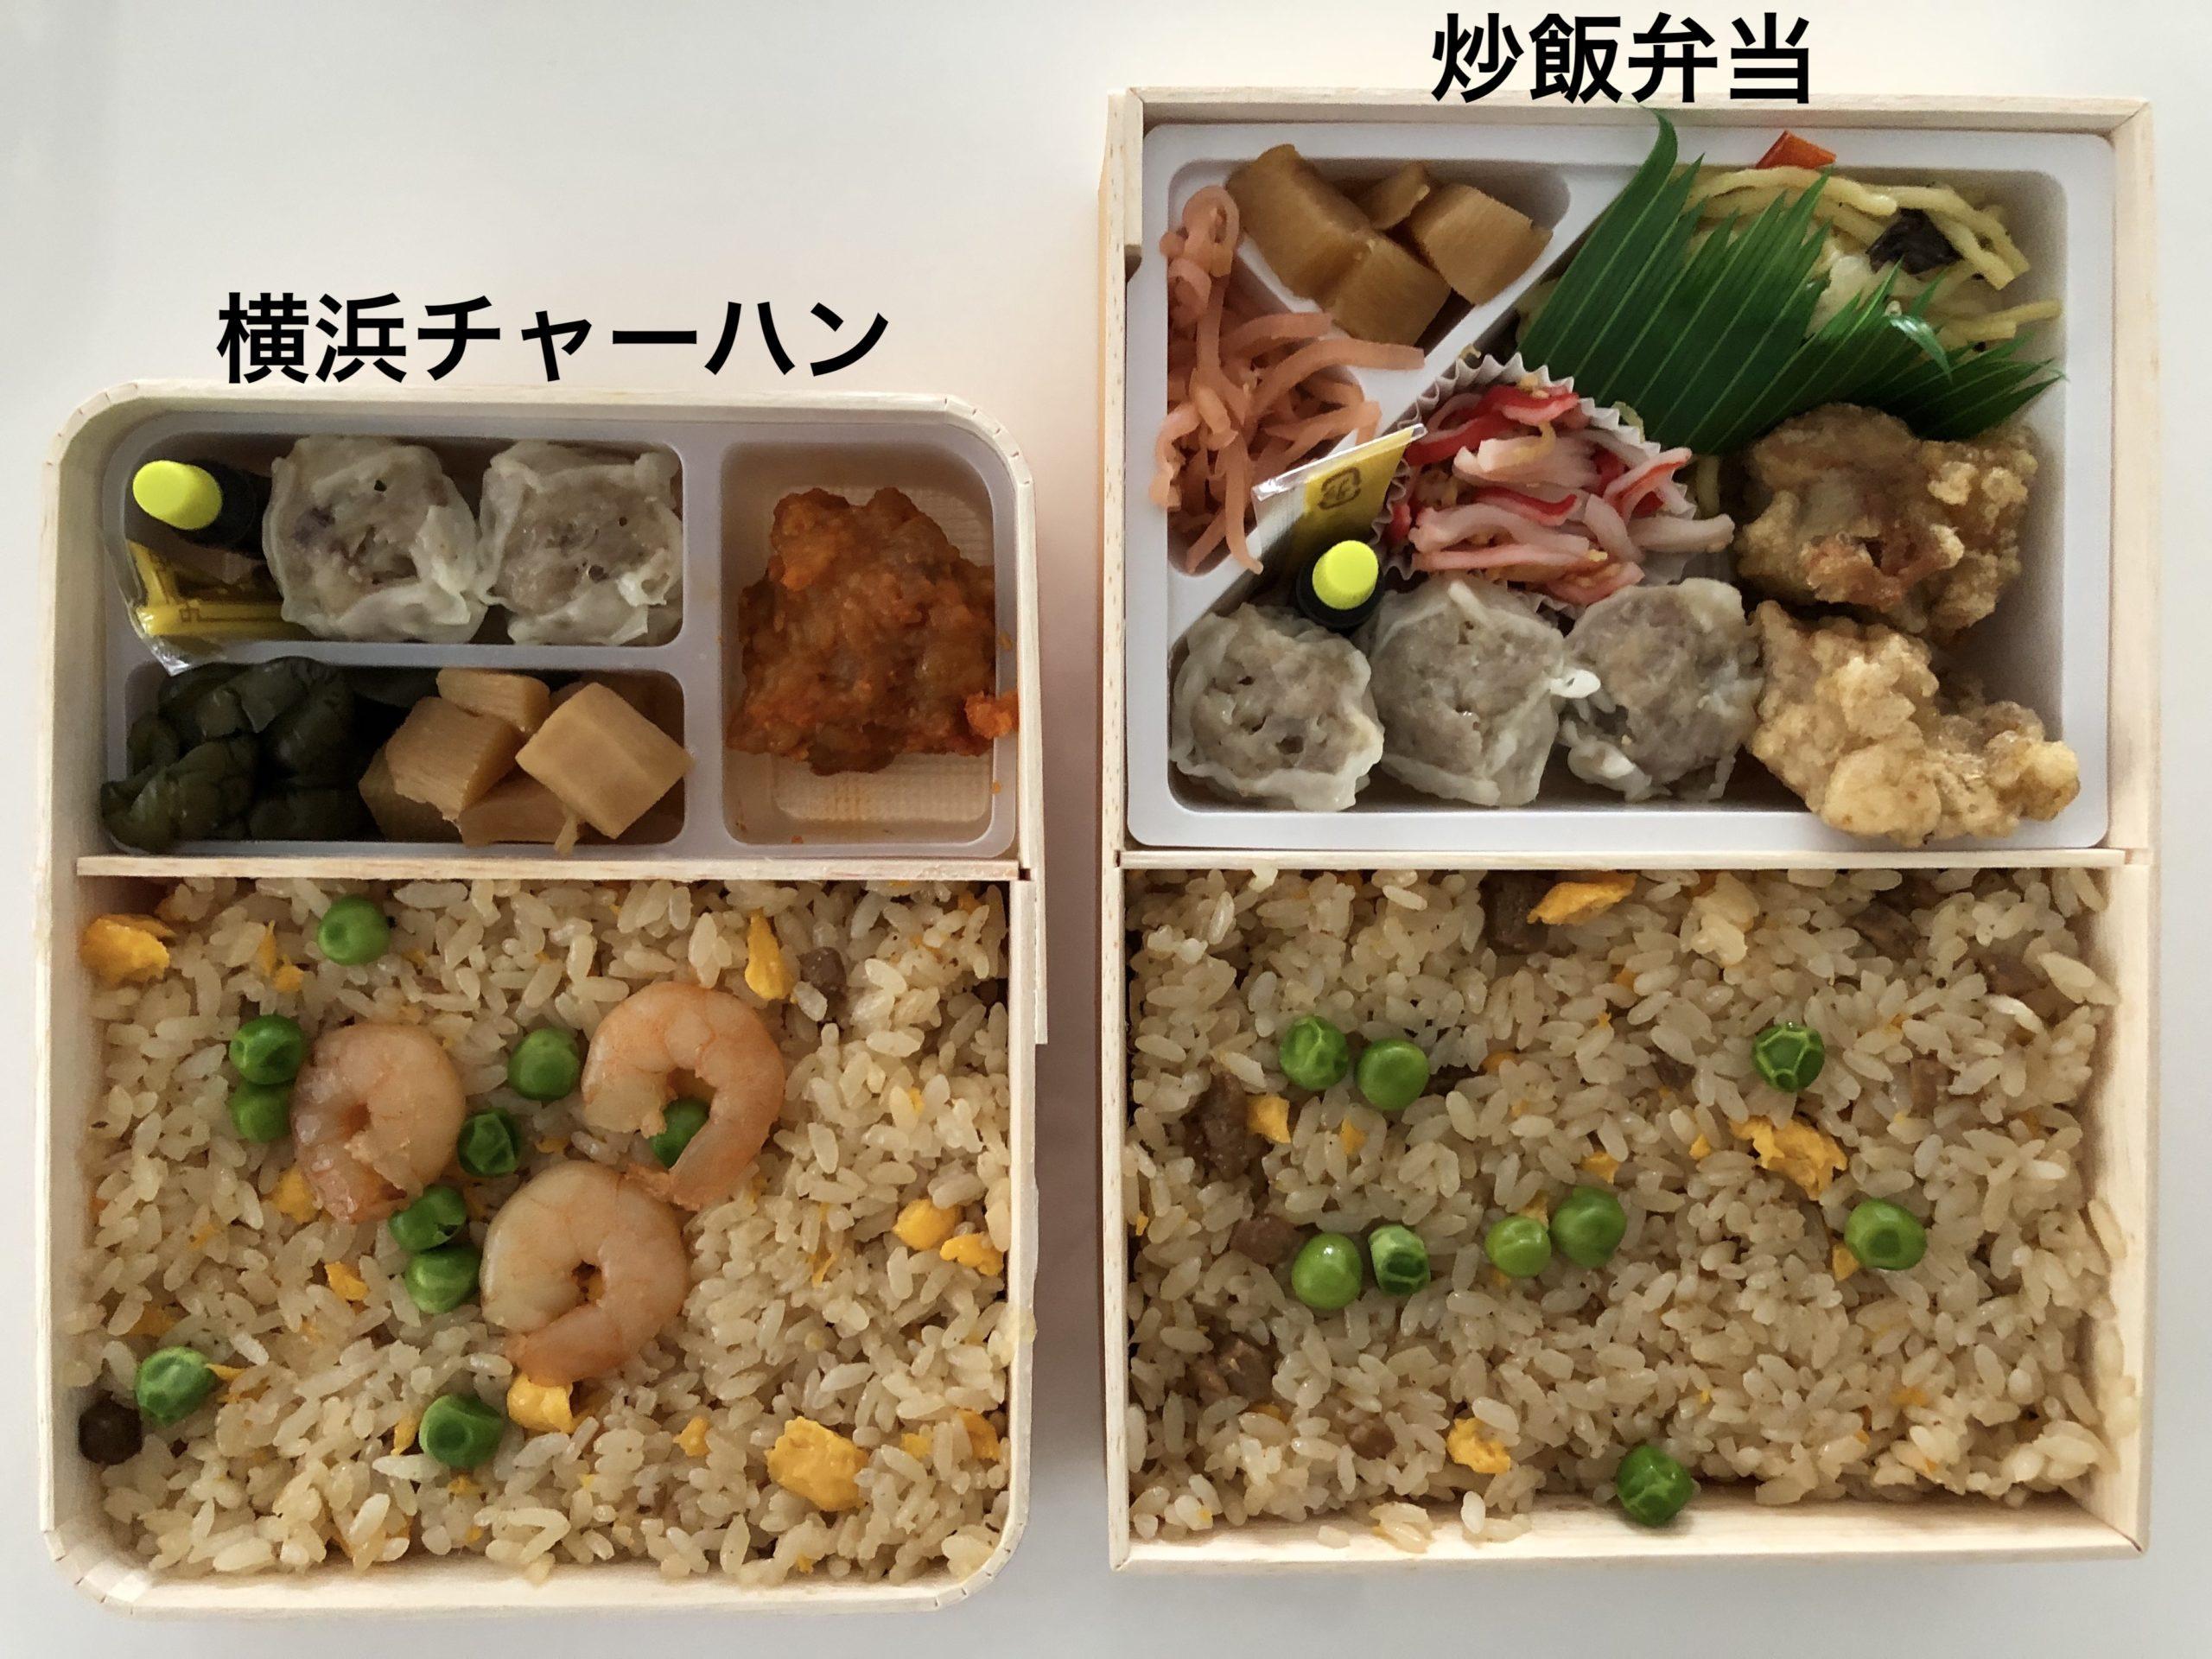 崎陽軒の「横浜チャーハン」と「炒飯弁当」の中身